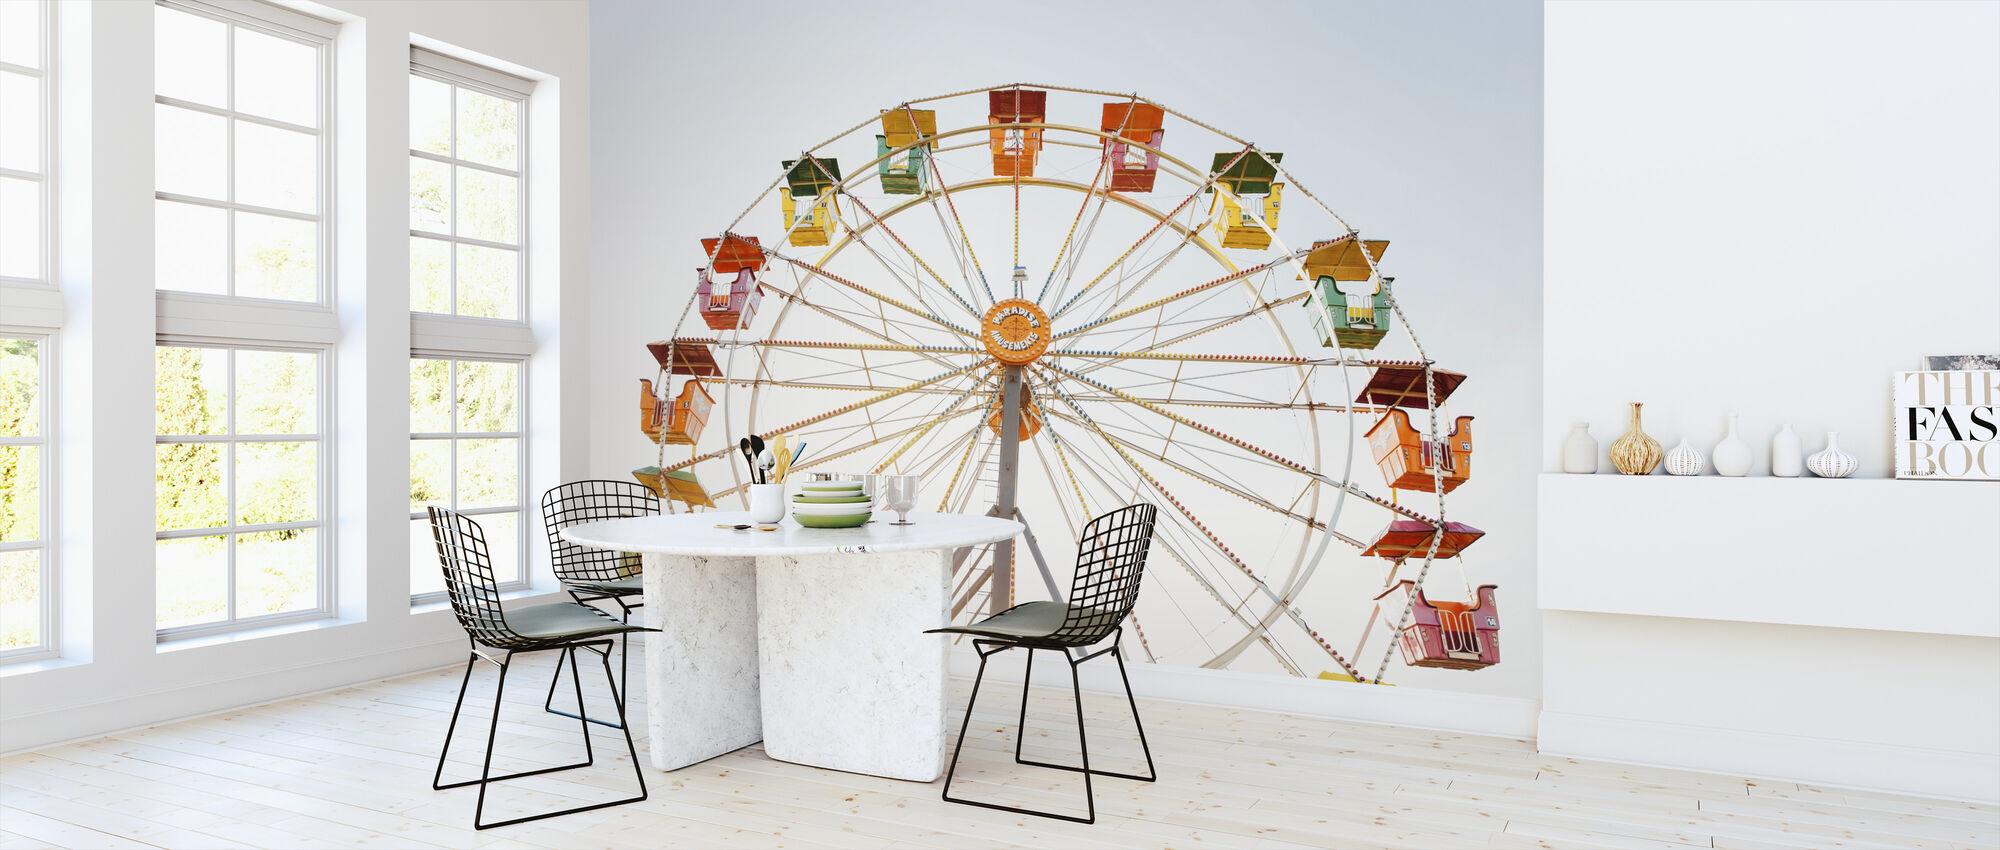 Forlystelsespark pariserhjul - Tapet - Kjøkken